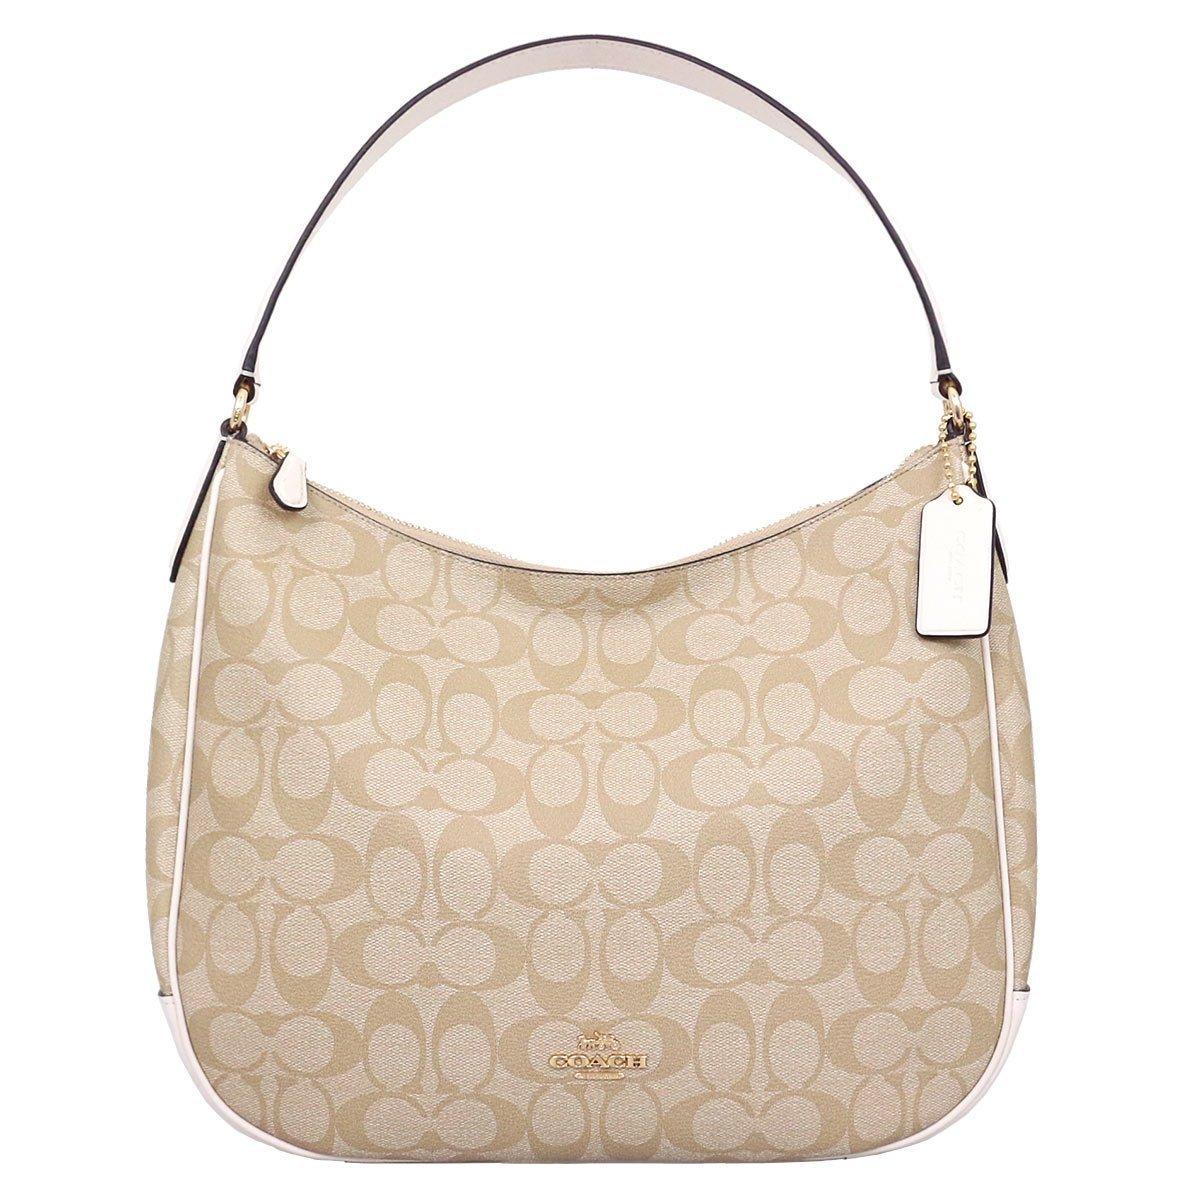 COACH ZIP SHOULDER BAG IN SIGNATURE CANVAS F29209 IMDQC  Handbags  Amazon. com 9fd6ed719ed9a